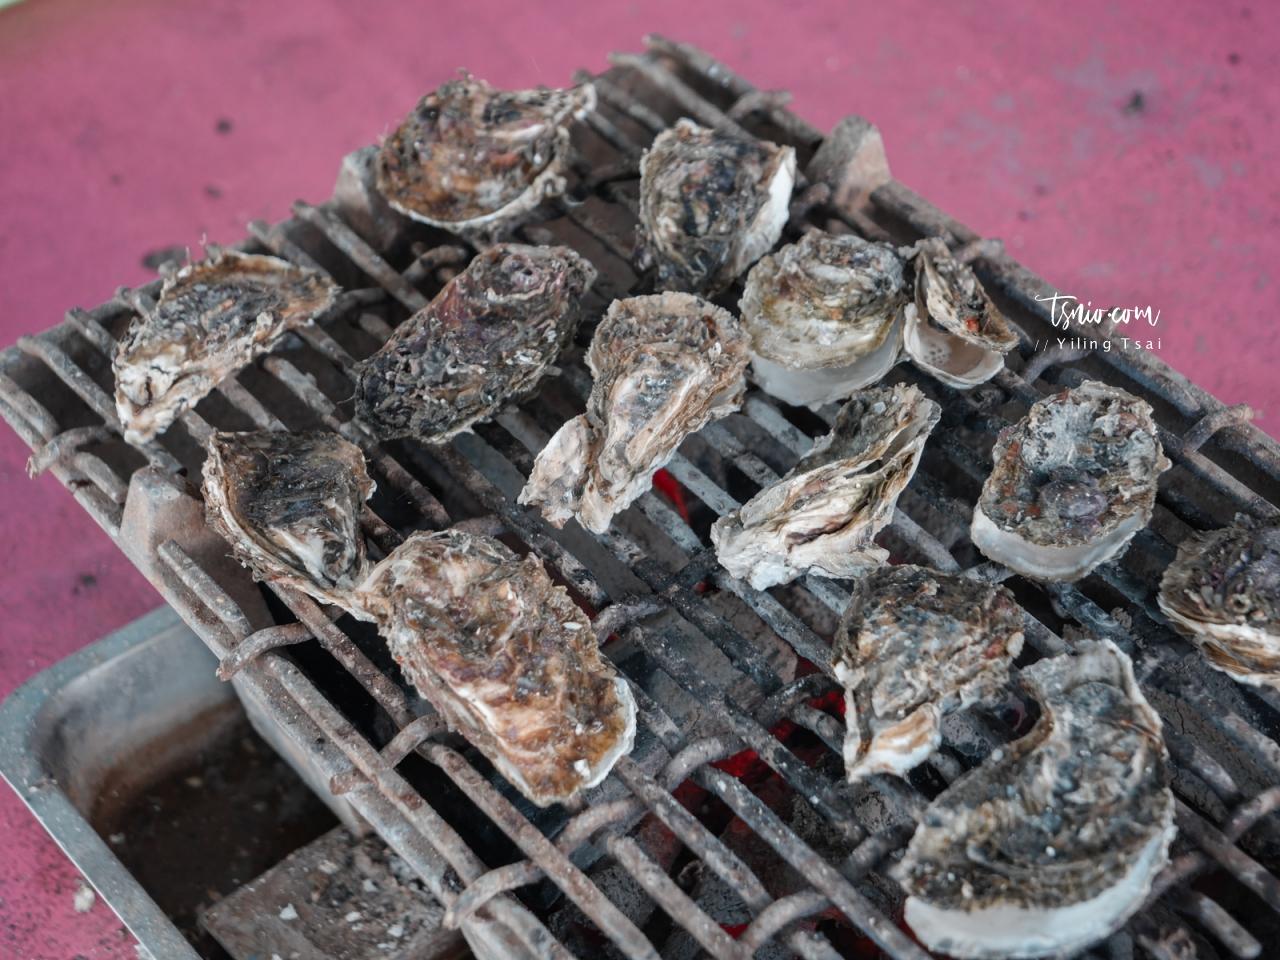 澎湖海洋牧場海上皇宮 烤牡蠣海鮮粥吃到飽 釣魚體驗 卡拉 OK